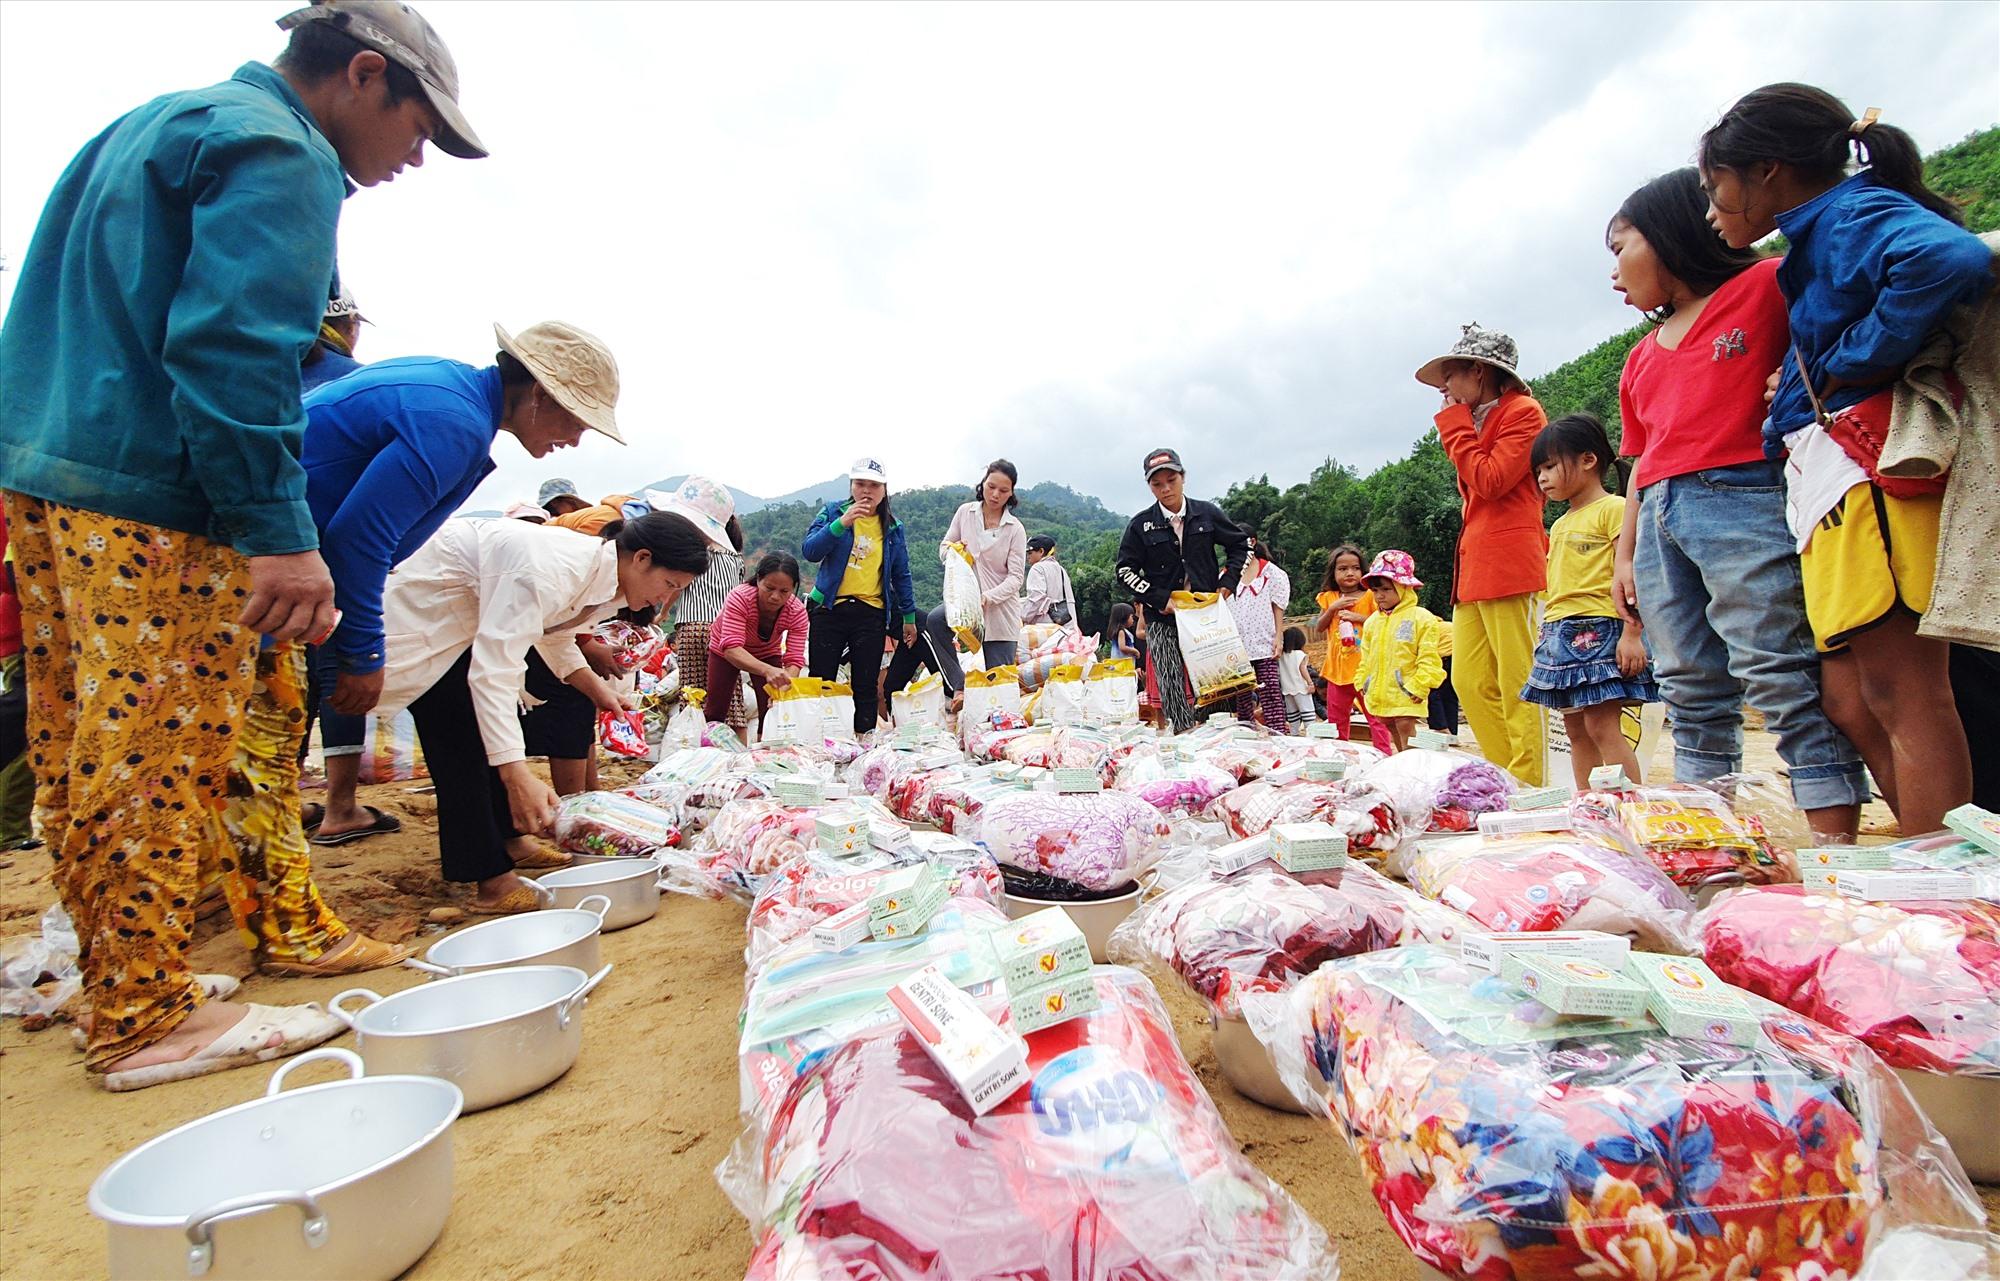 Những mặt hàng cứu trợ được chia đều cho từng hộ trong thôn Trà Văn A. Ảnh: T.C